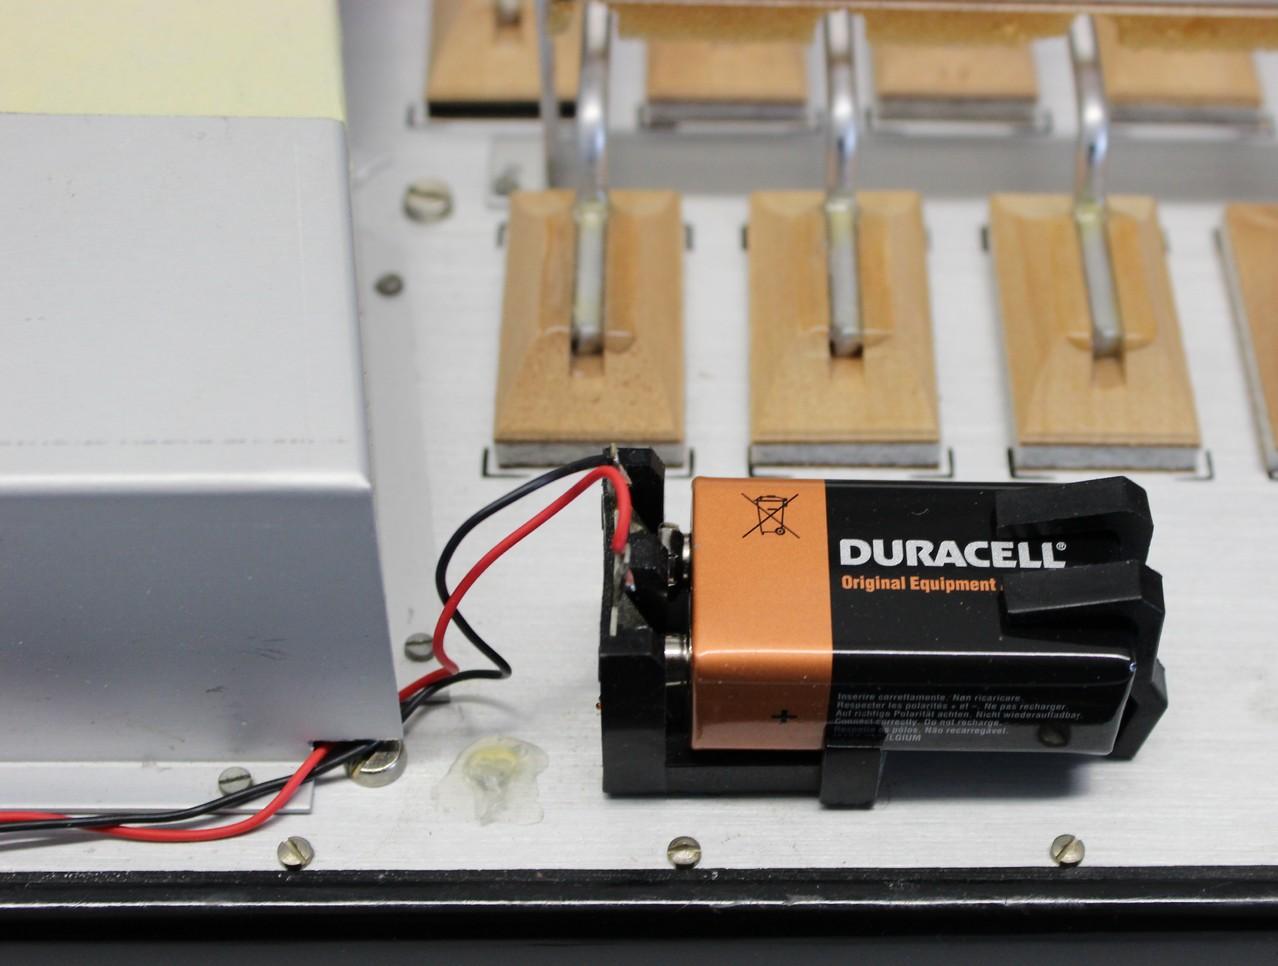 Stabiles, gut zu erreichendes Batteriefach